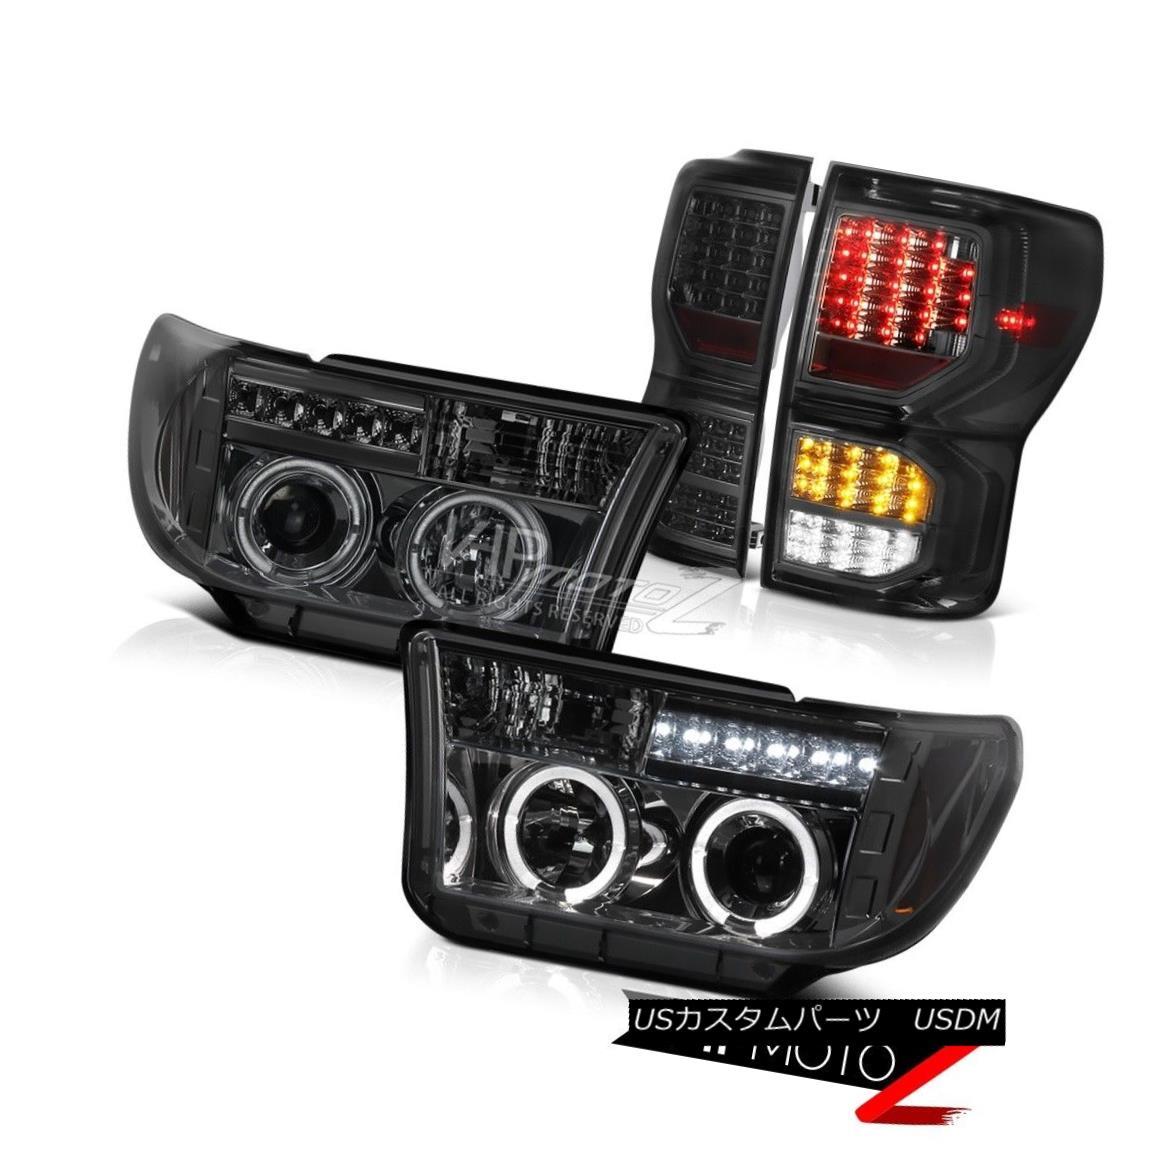 テールライト 07-13 Toyota Tundra SR5 Rear Brake Lights Projector Headlamps DRL